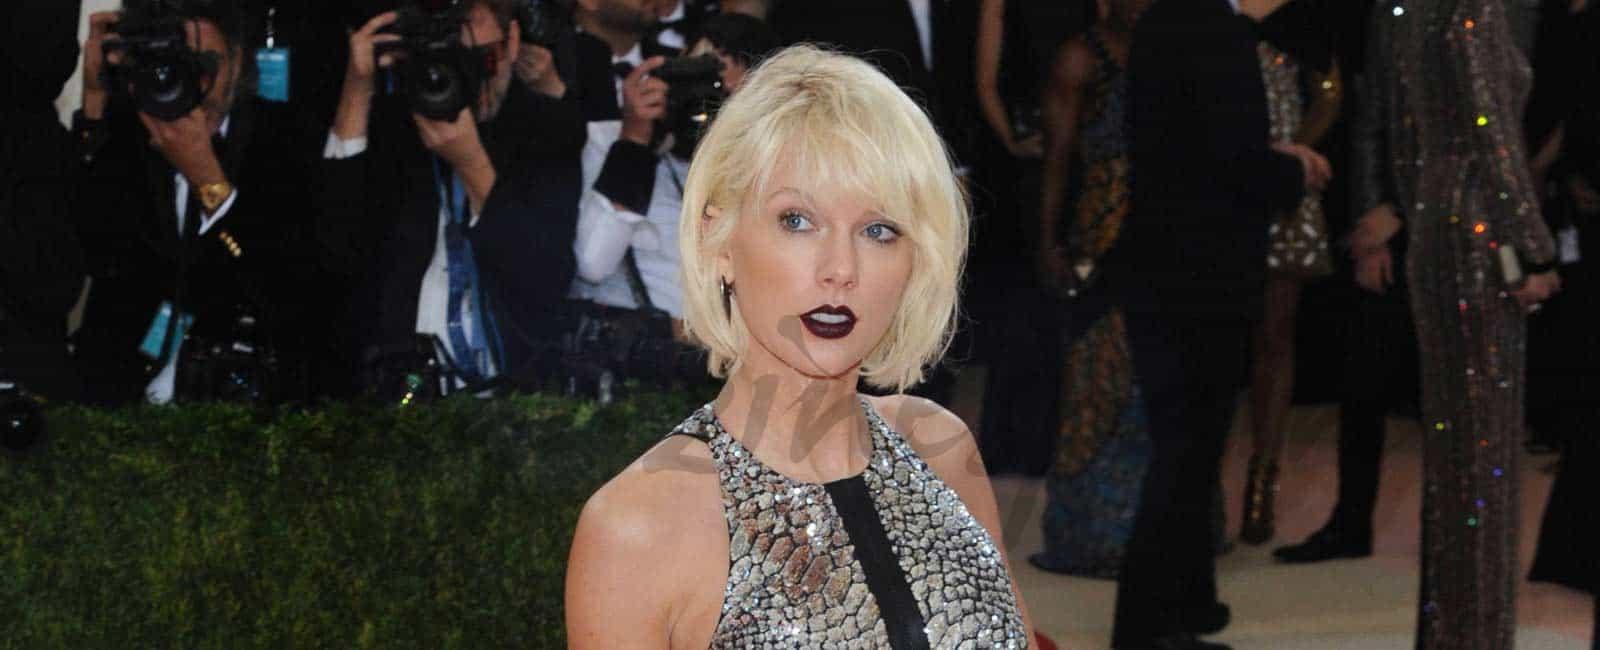 Taylor Swift rechazada como jurado